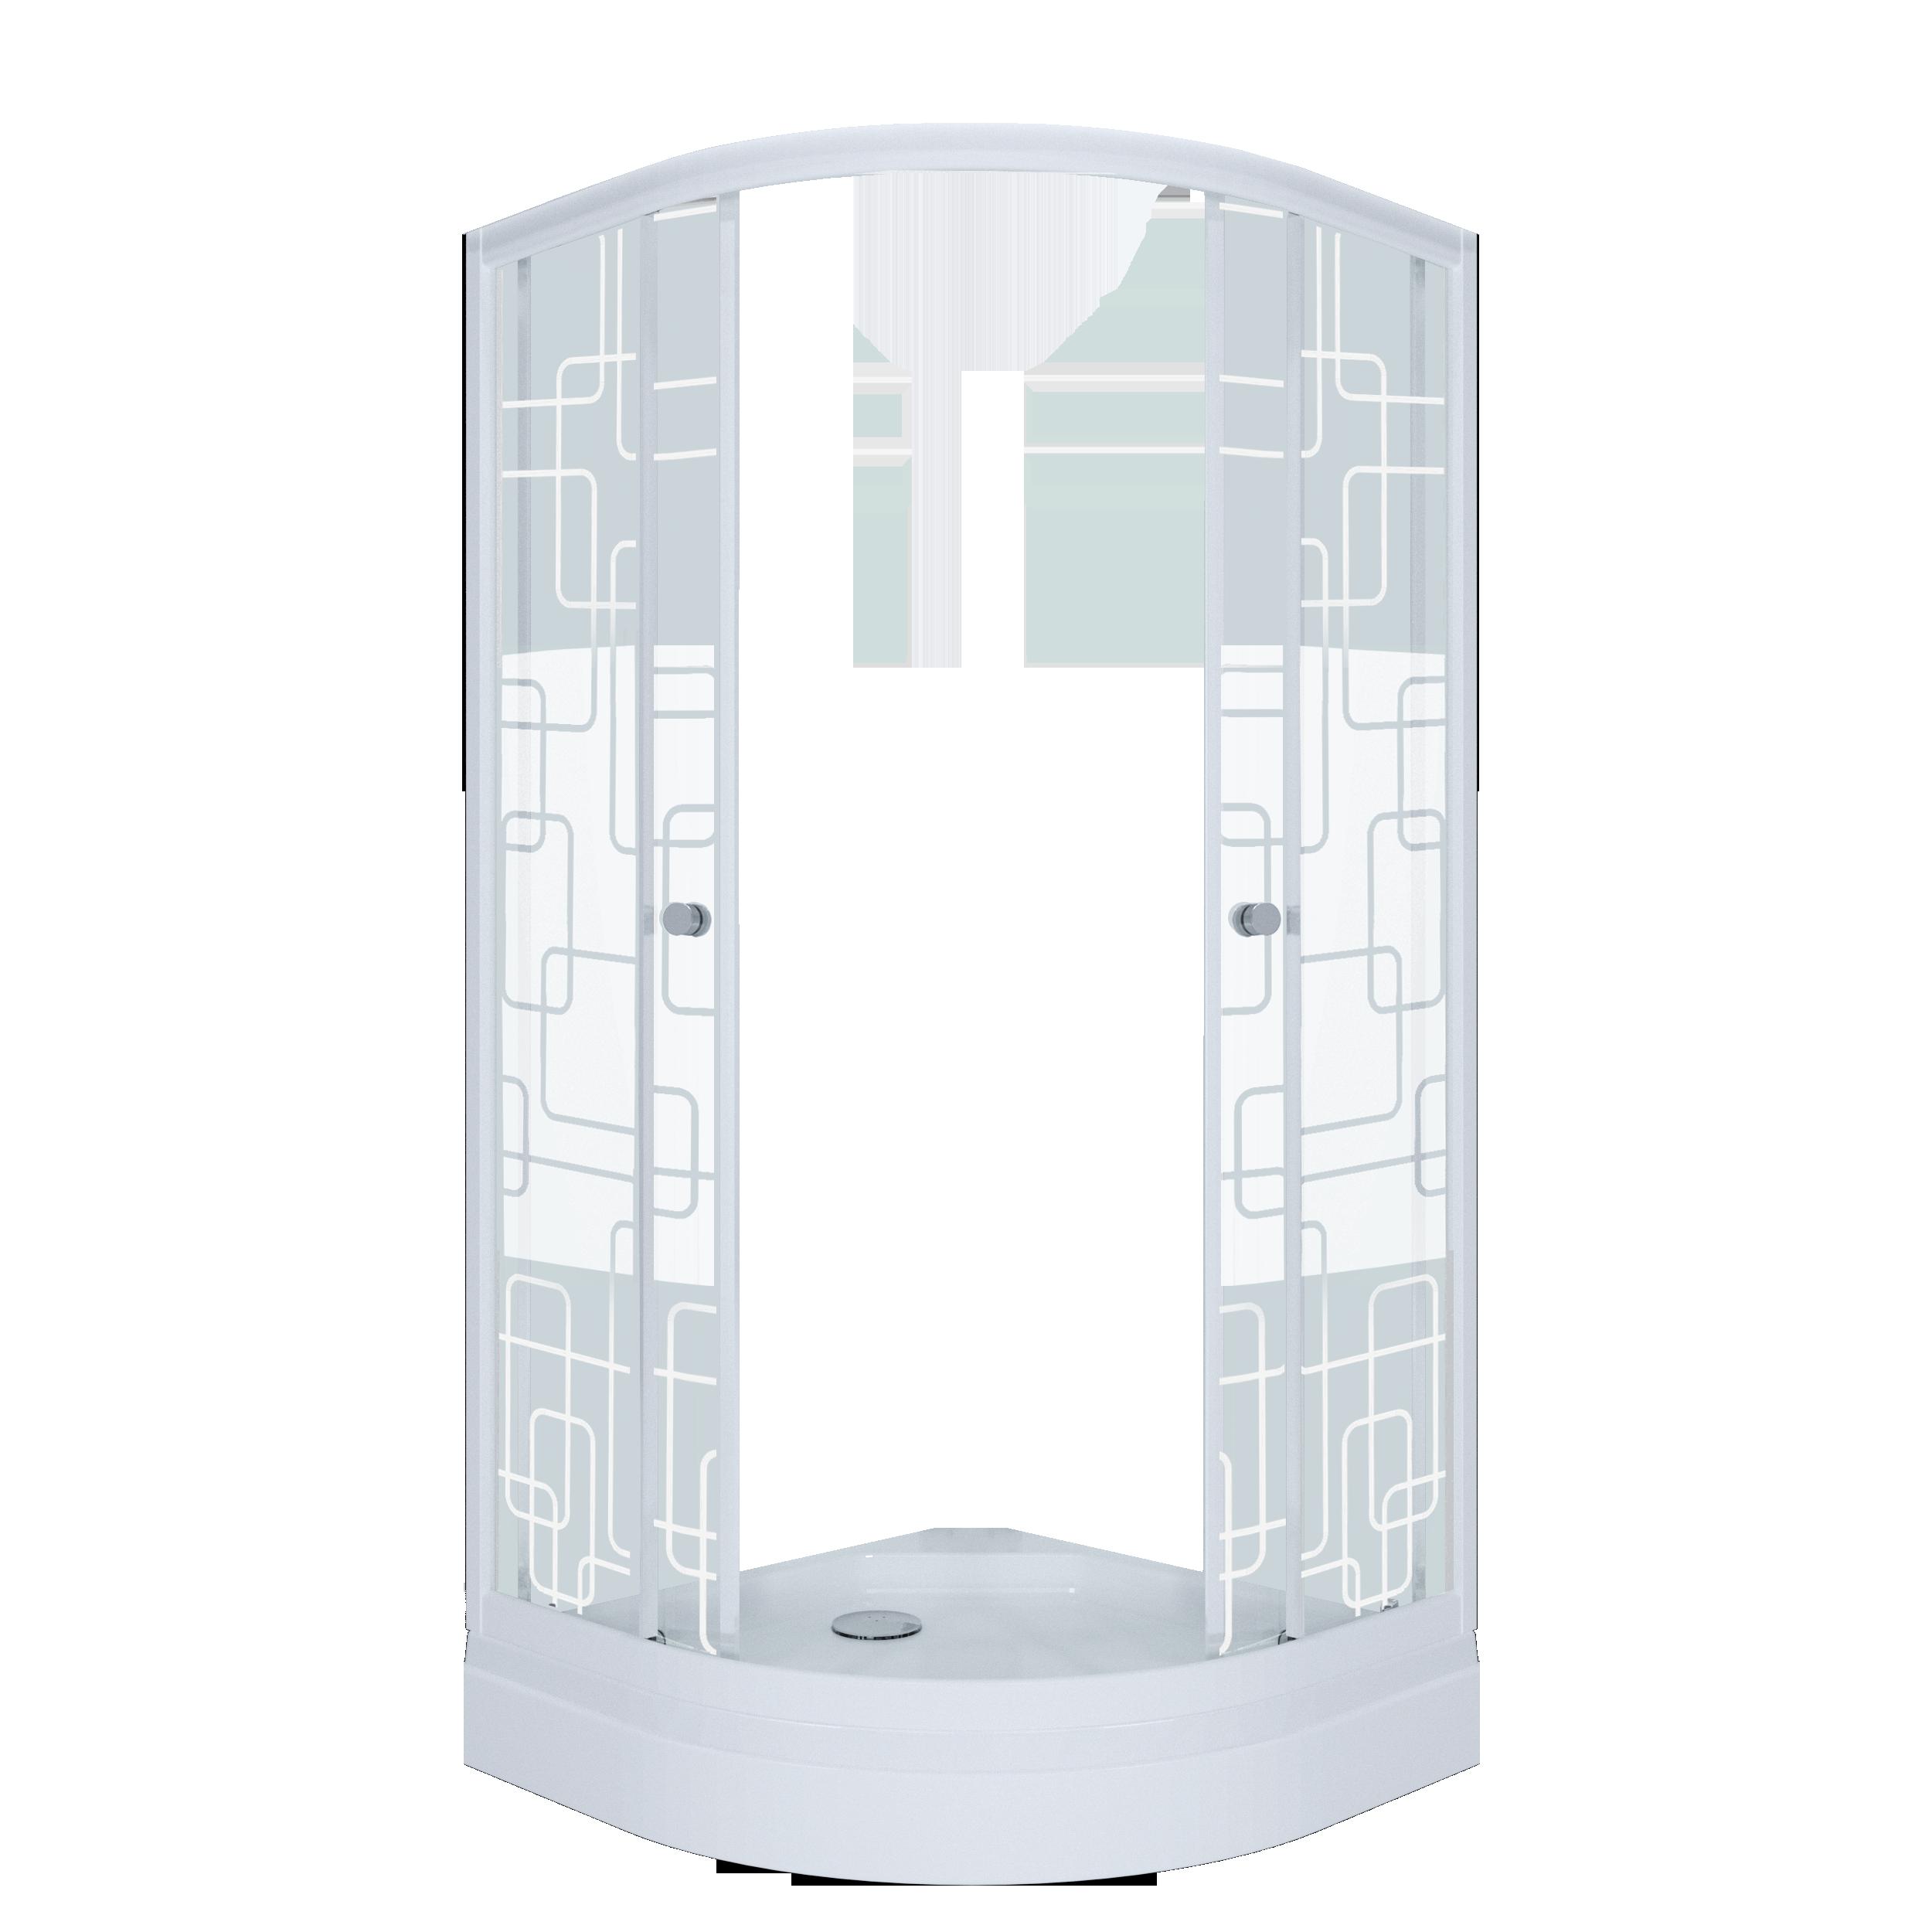 Душевое ограждение Стандарт 100*100 А Квадраты, полукруг, низкий поддон